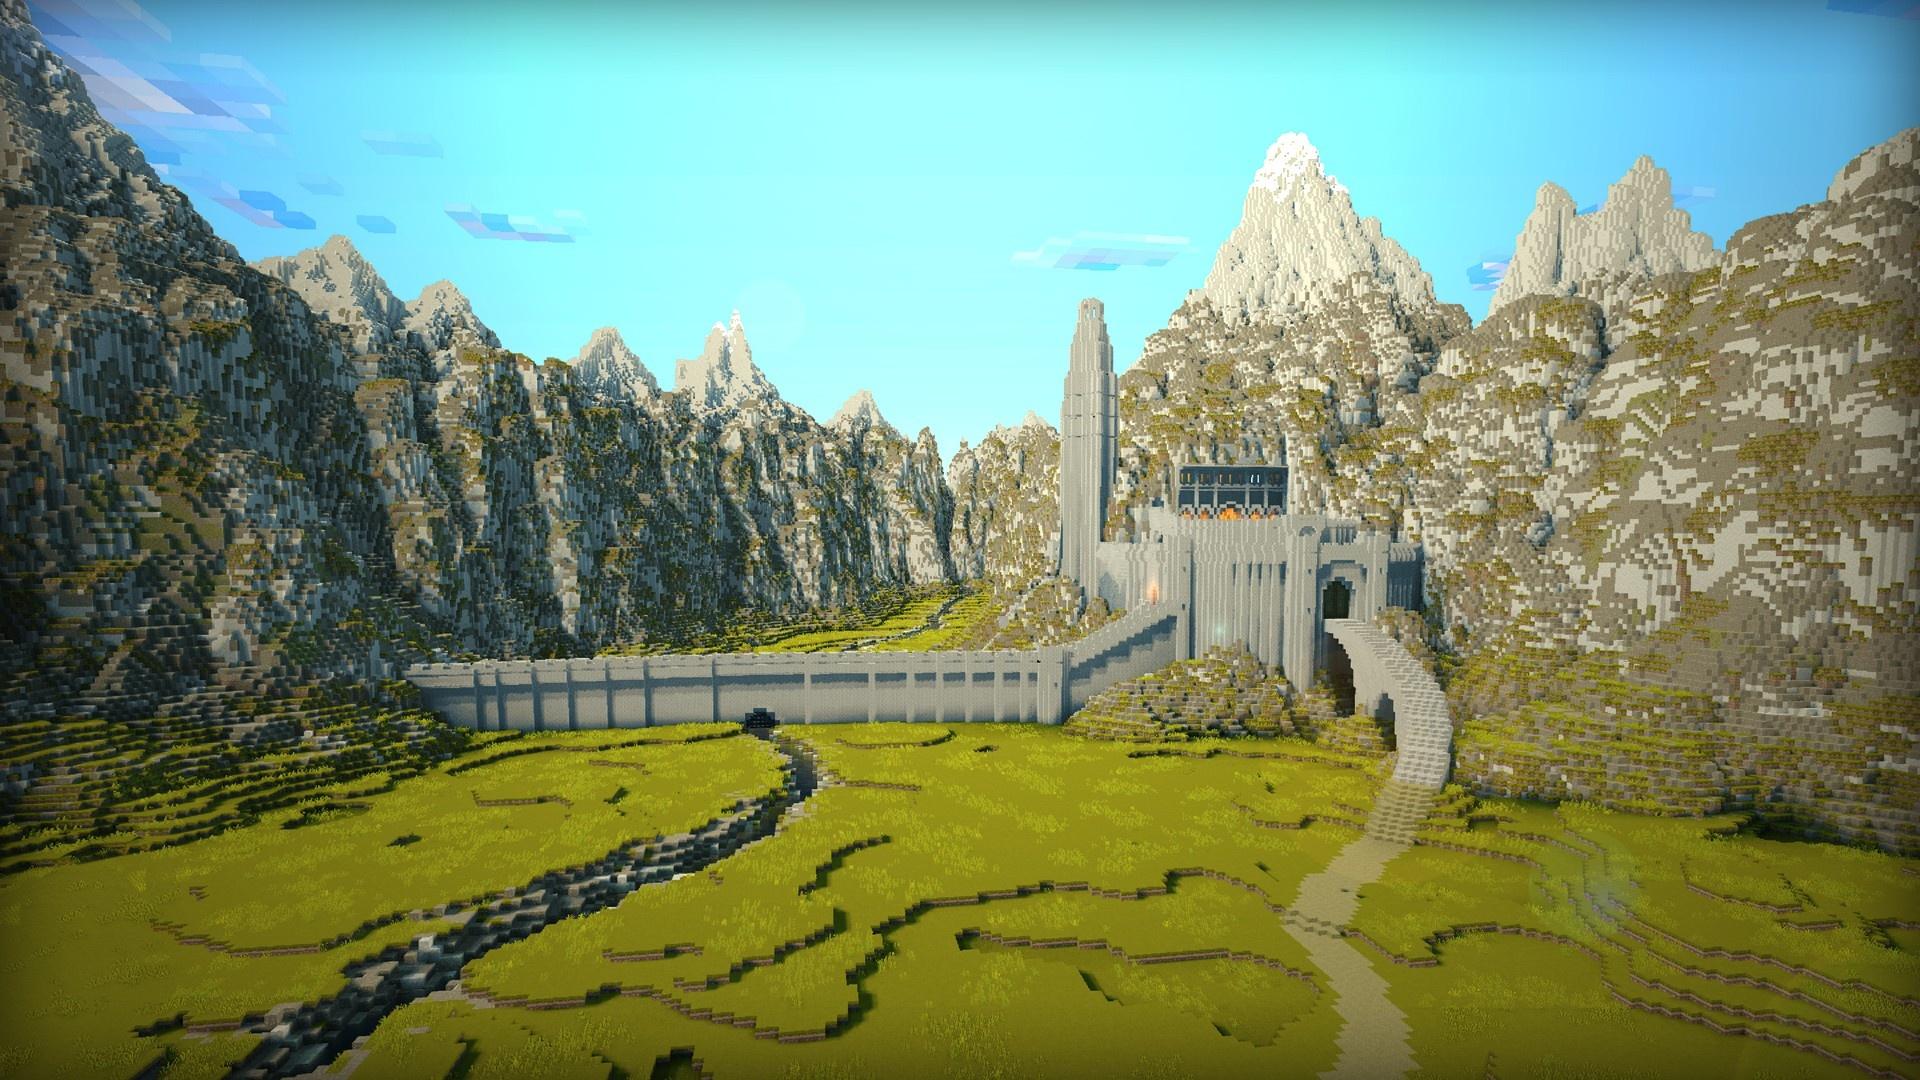 Minecraft computer background